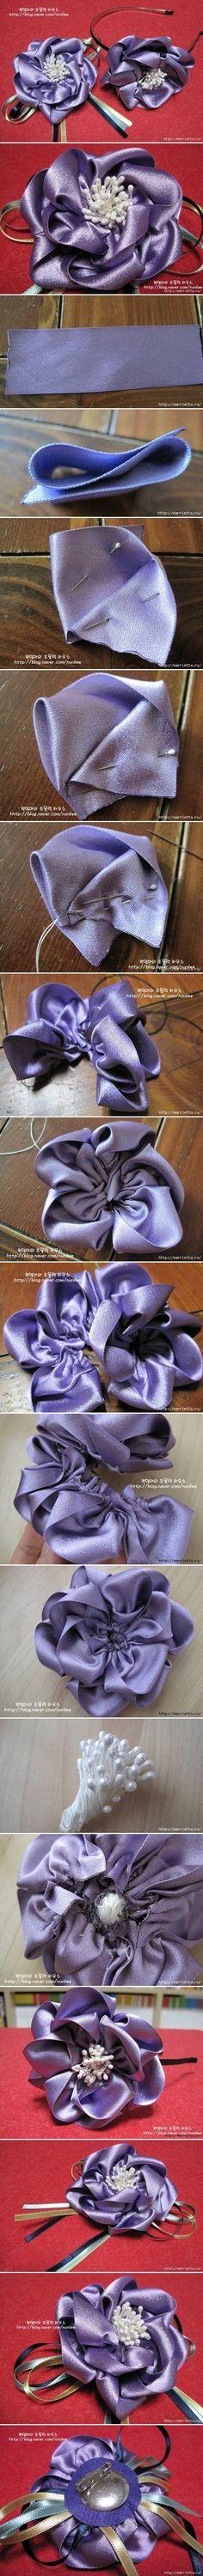 DIY Satin Ribbon Flower Brooch DIY Satin Ribbon Flower Brooch by diyforever